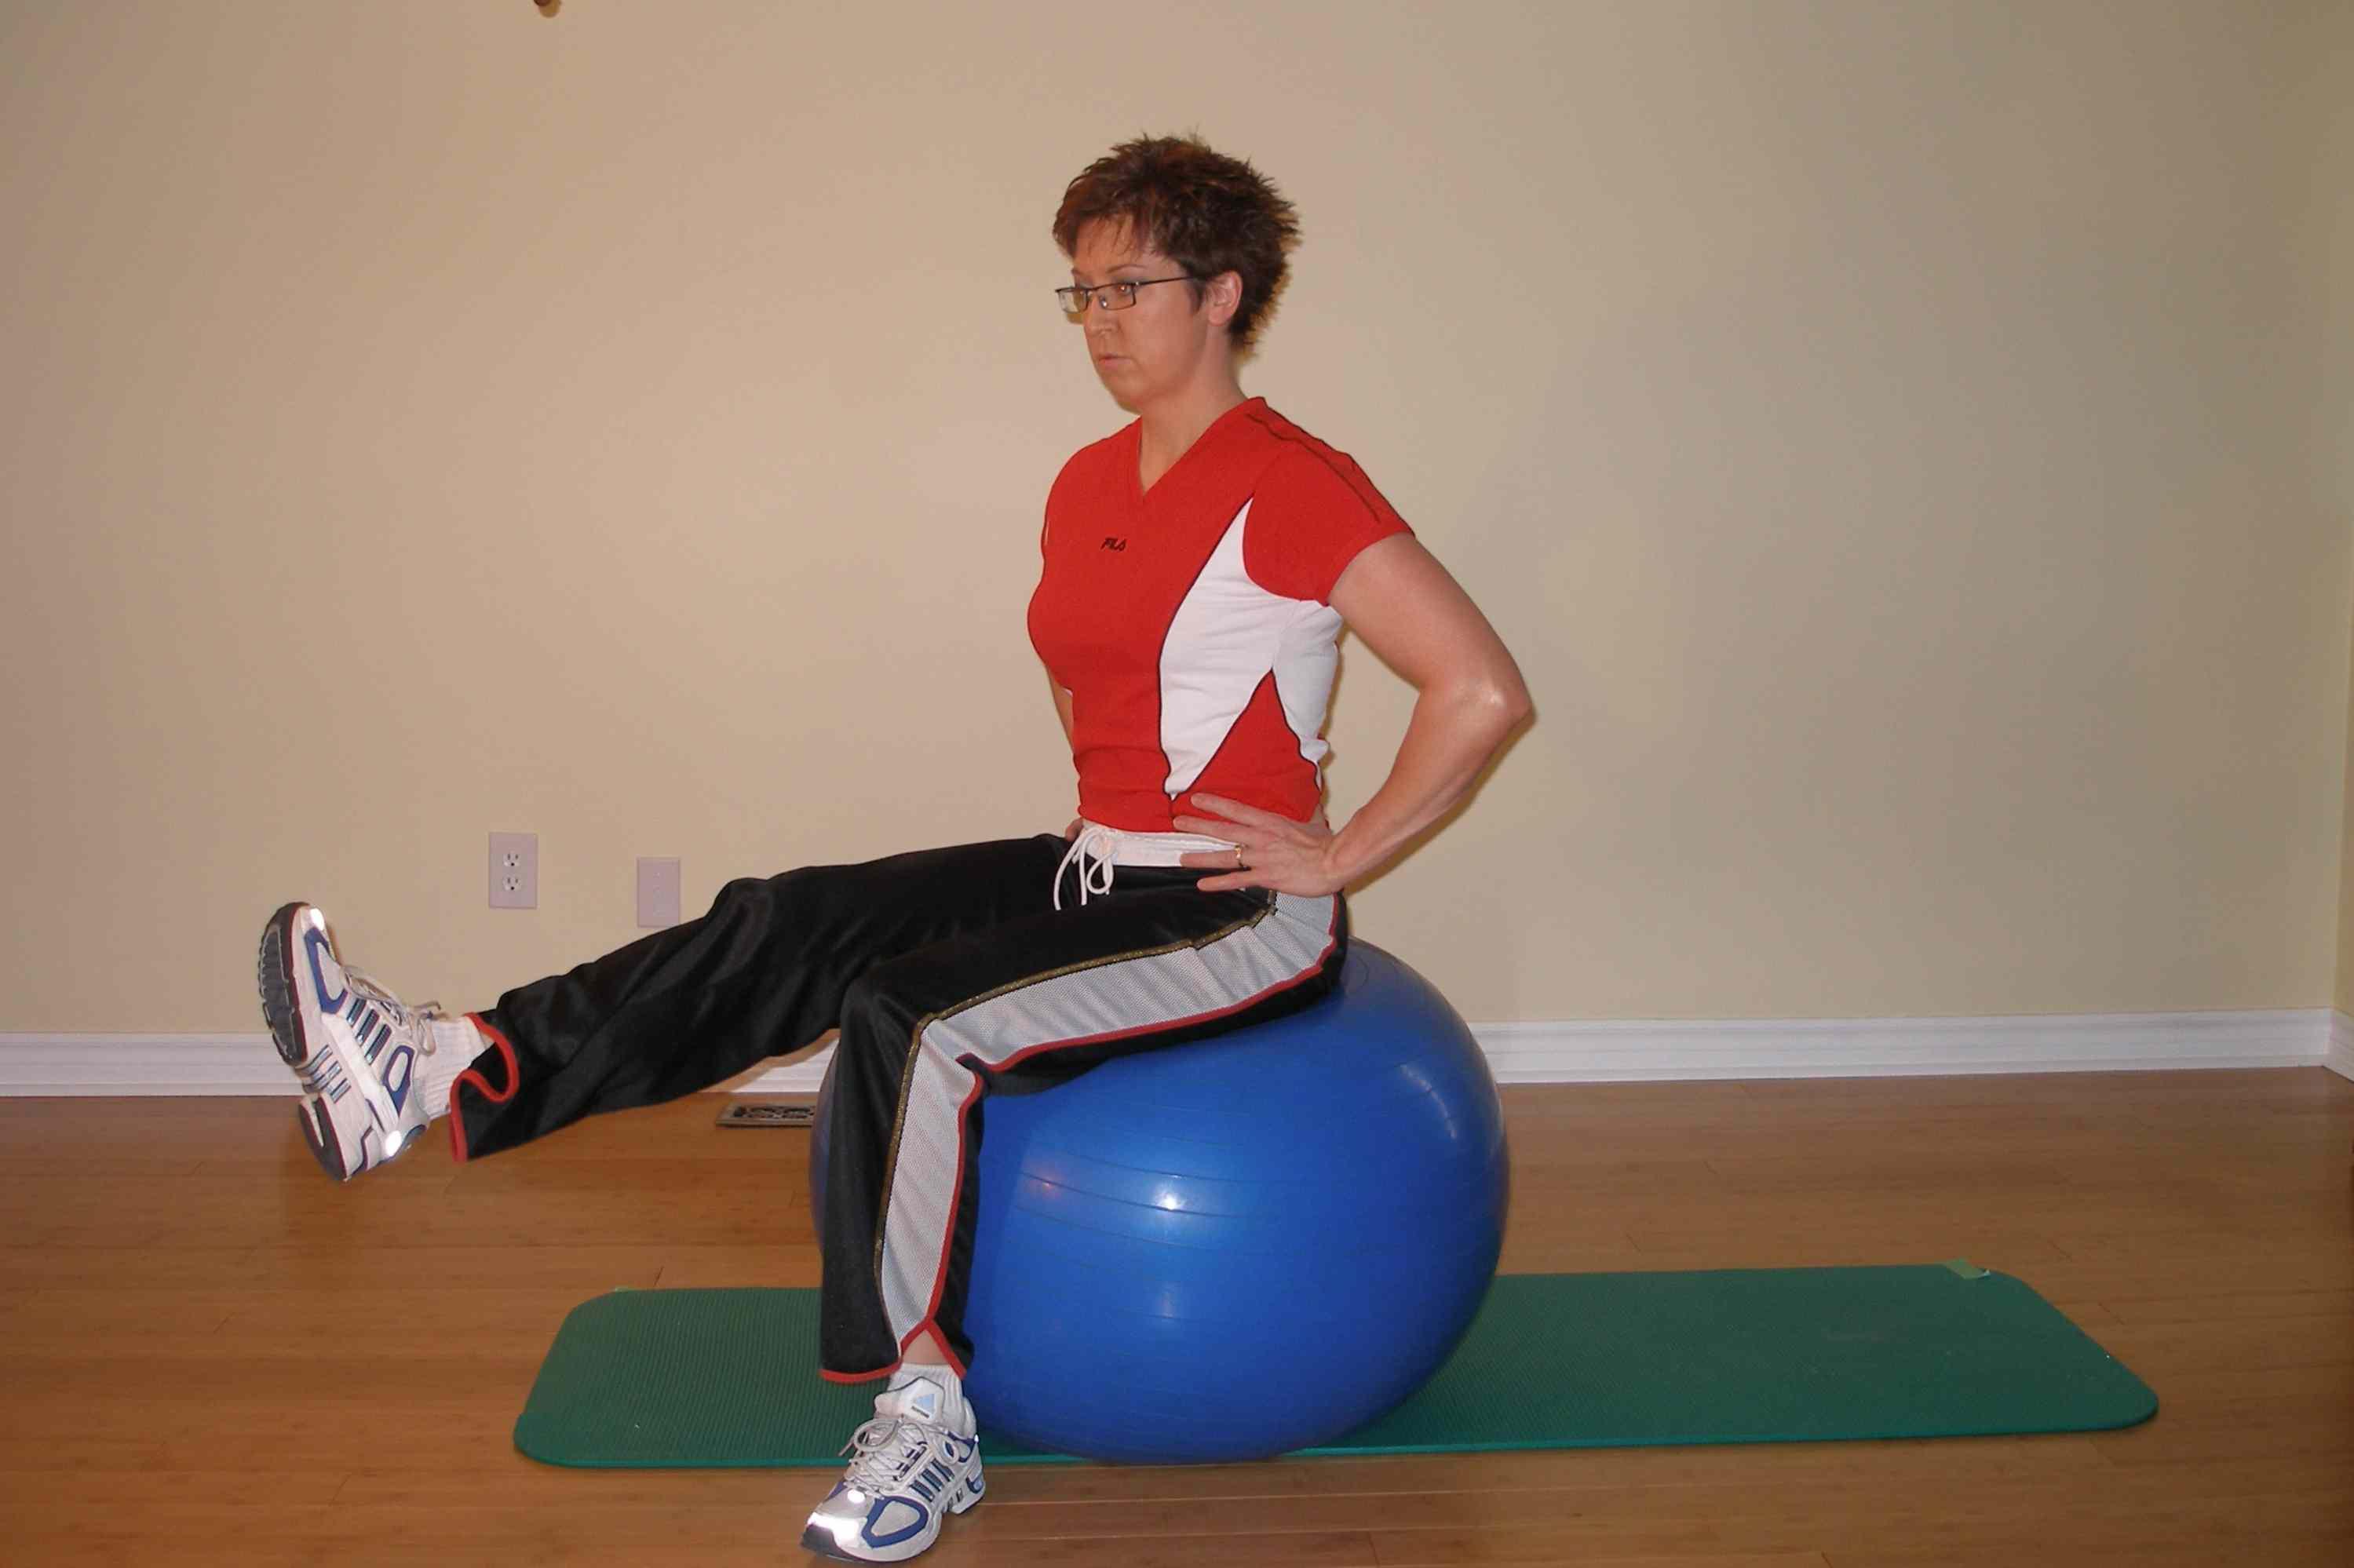 exercise ball seated leg raise finish